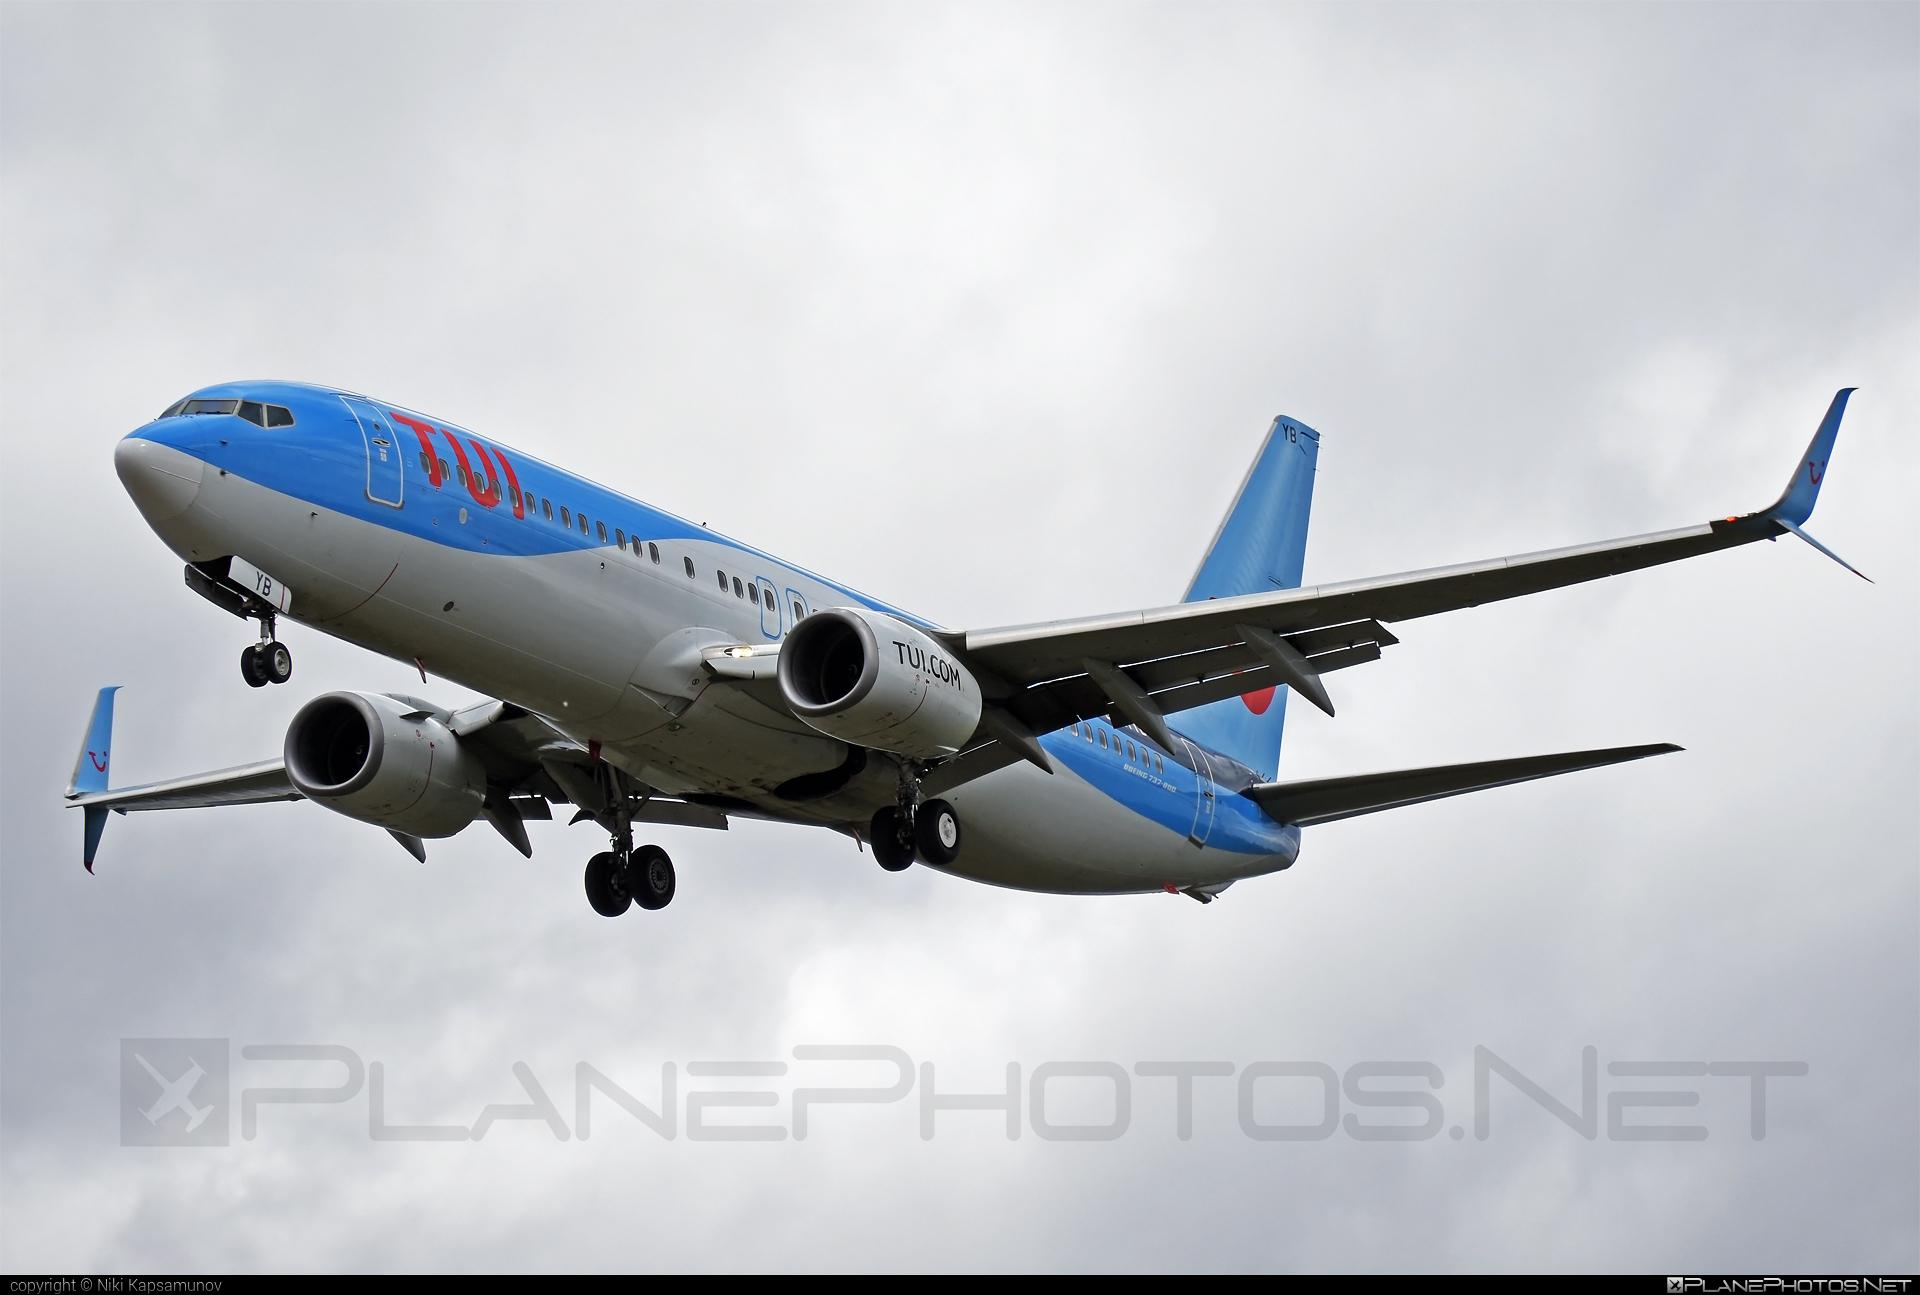 Boeing 737-800 - D-ATYB operated by TUIfly #b737 #b737nextgen #b737ng #boeing #boeing737 #tui #tuifly